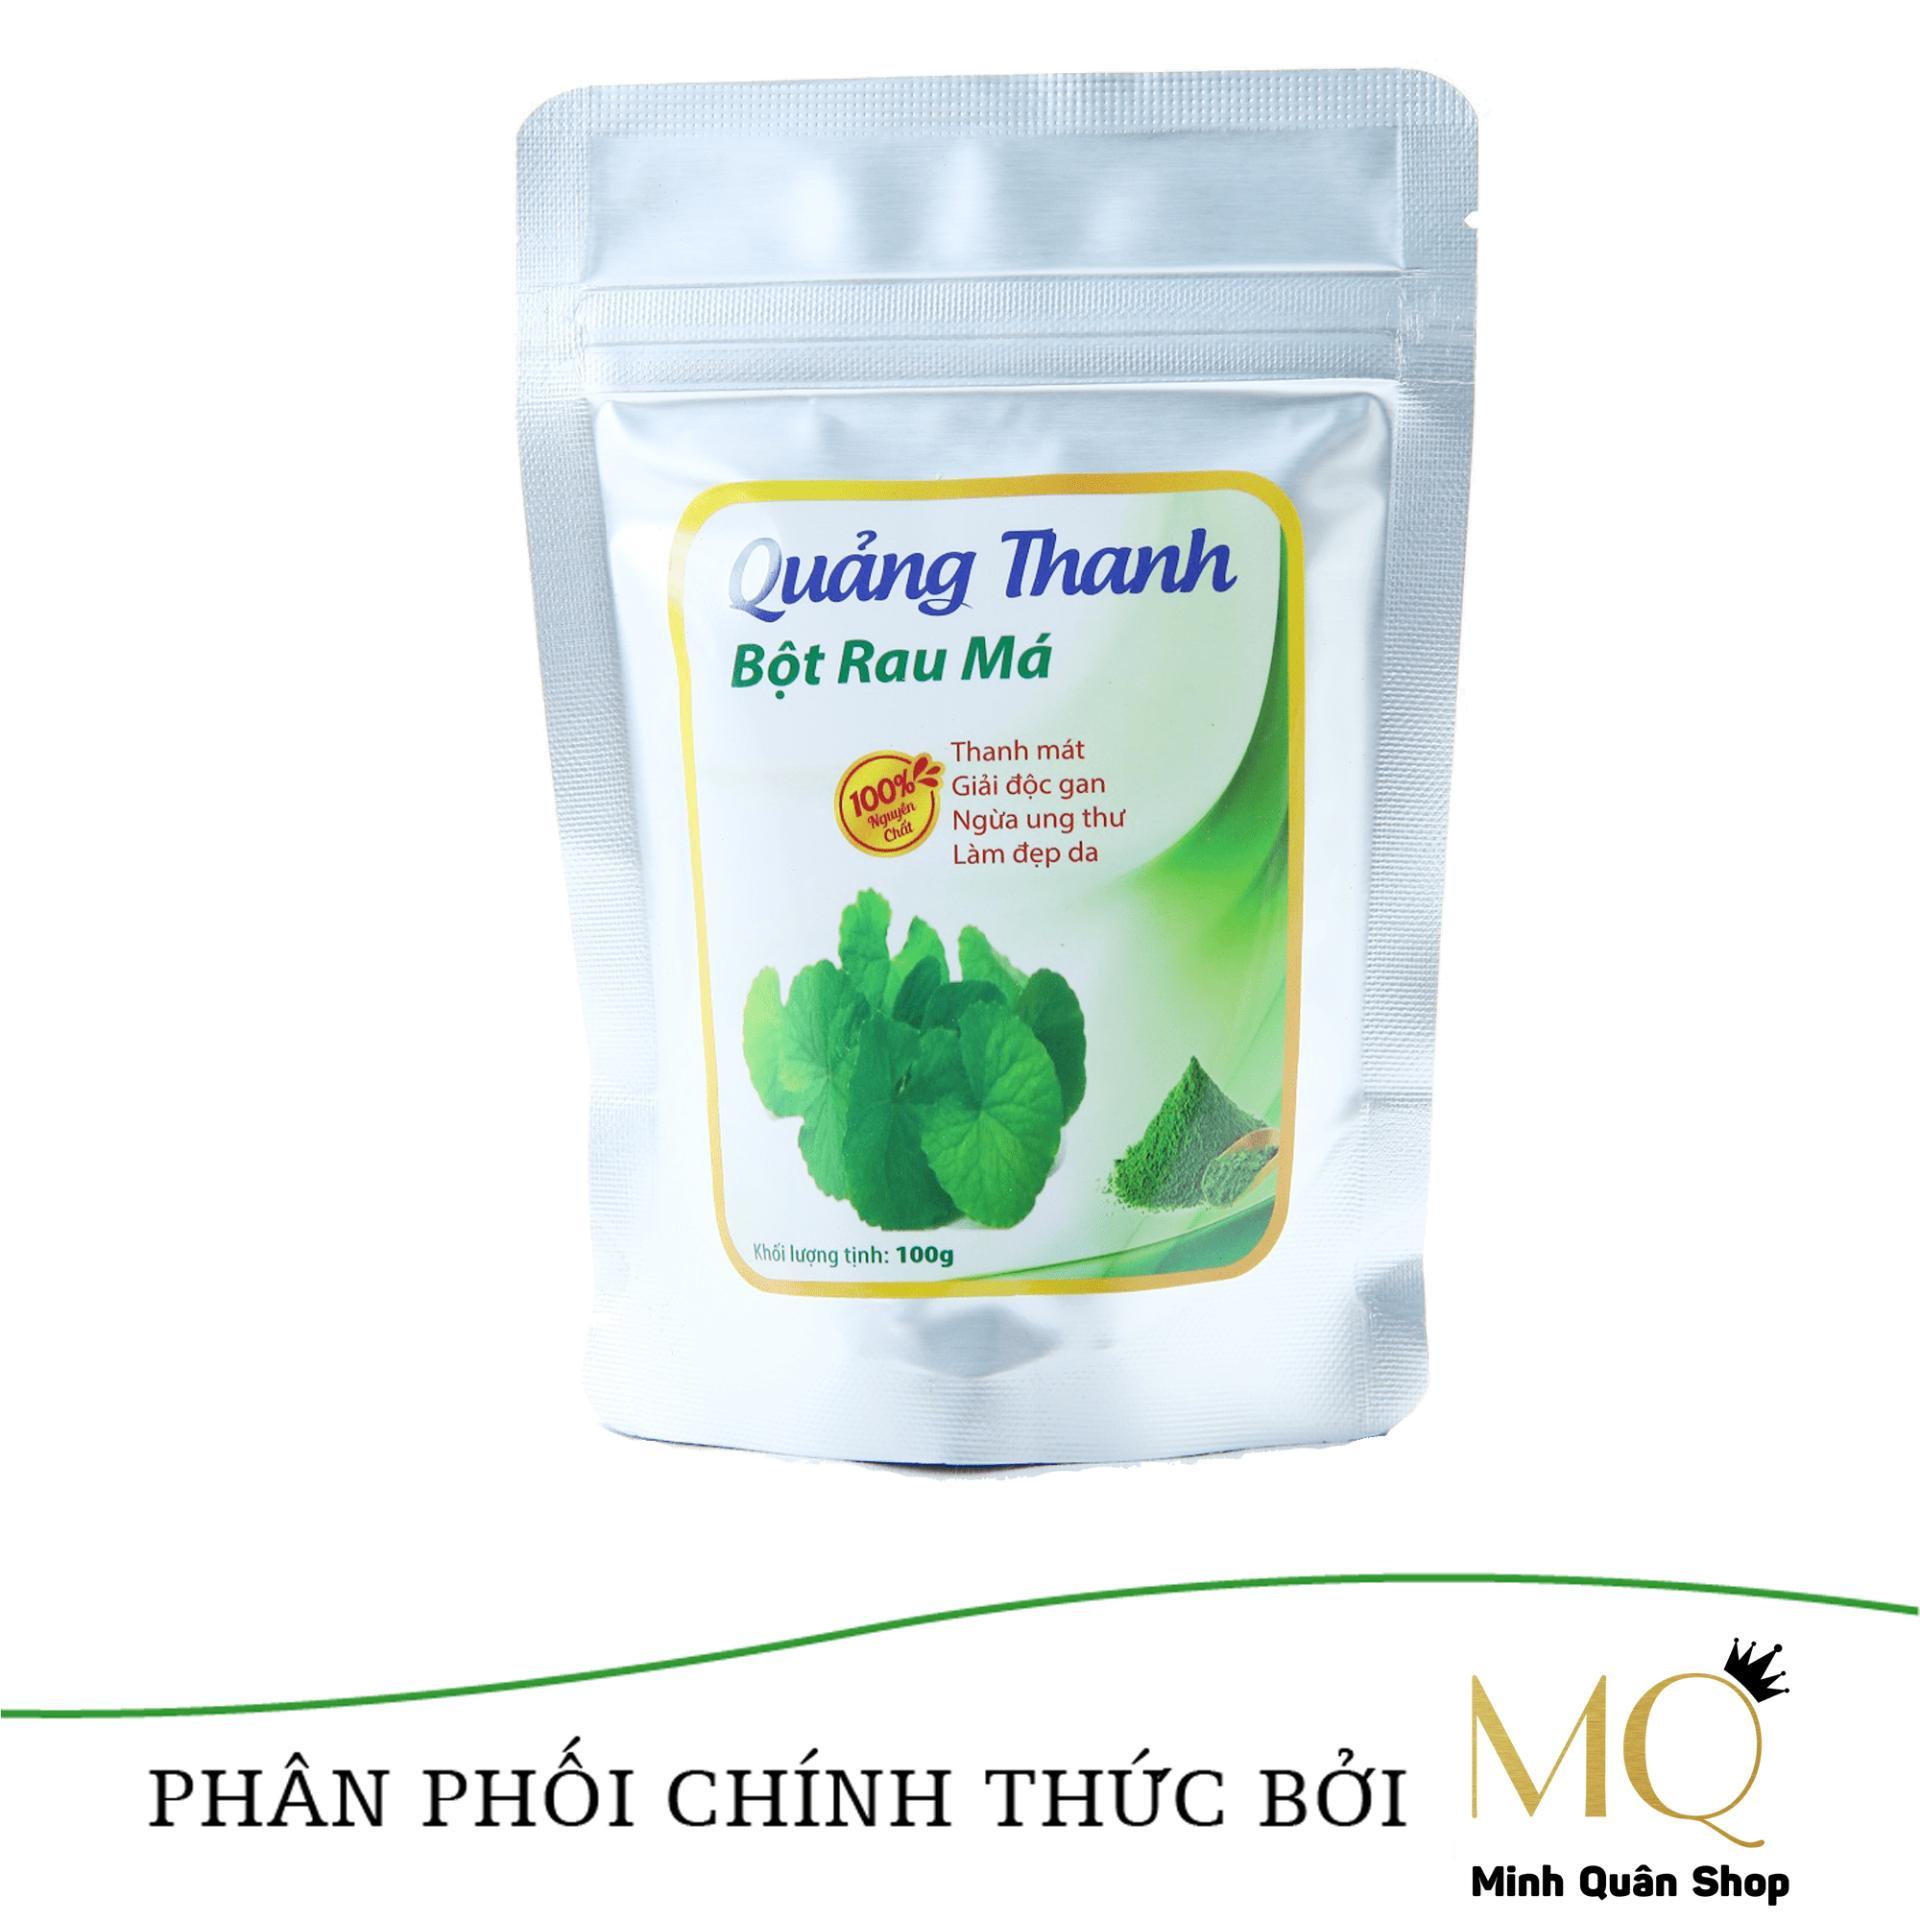 Nơi Bán Bột rau má sấy lạnh Quảng Thanh đảm bảo VSATTP 100gram/túi